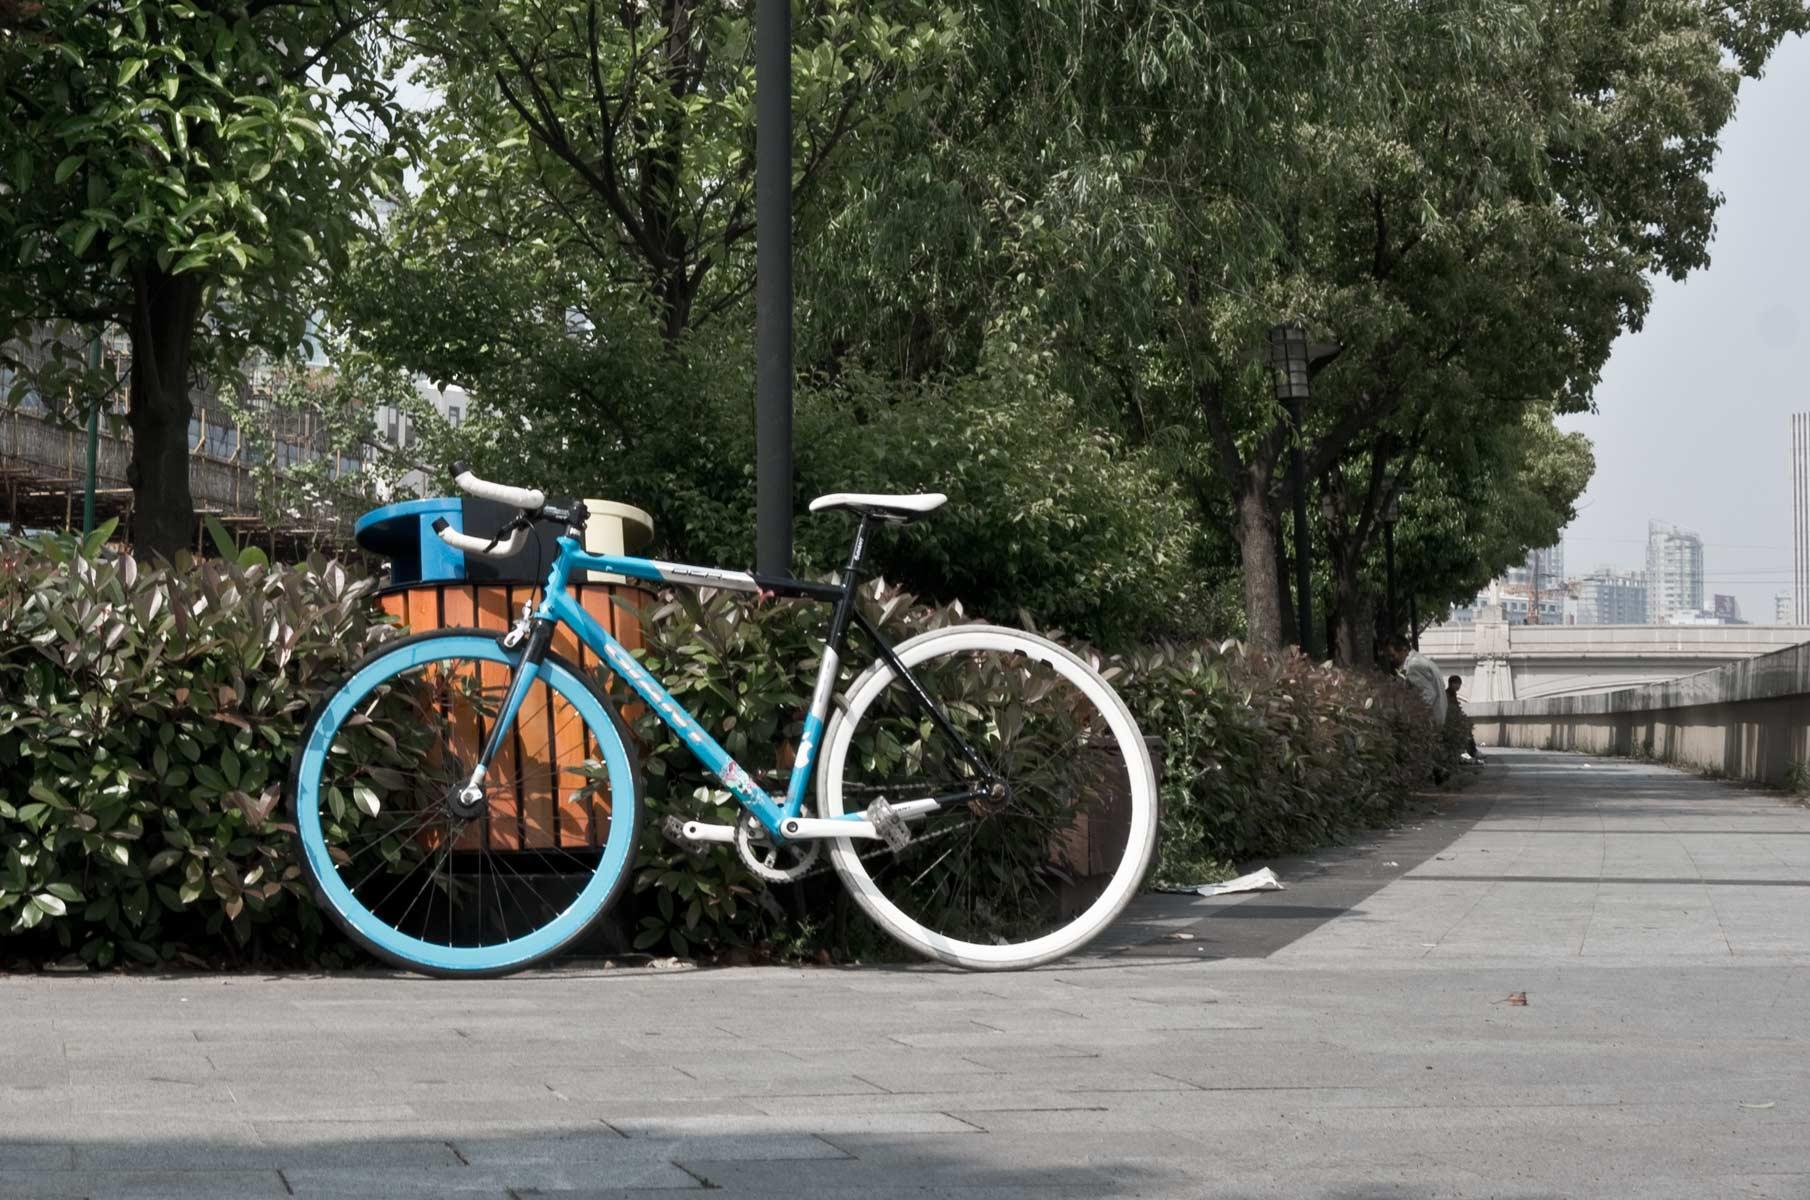 Blaues GIANT Fahrrad von Sebastian Born in Shanghai, China